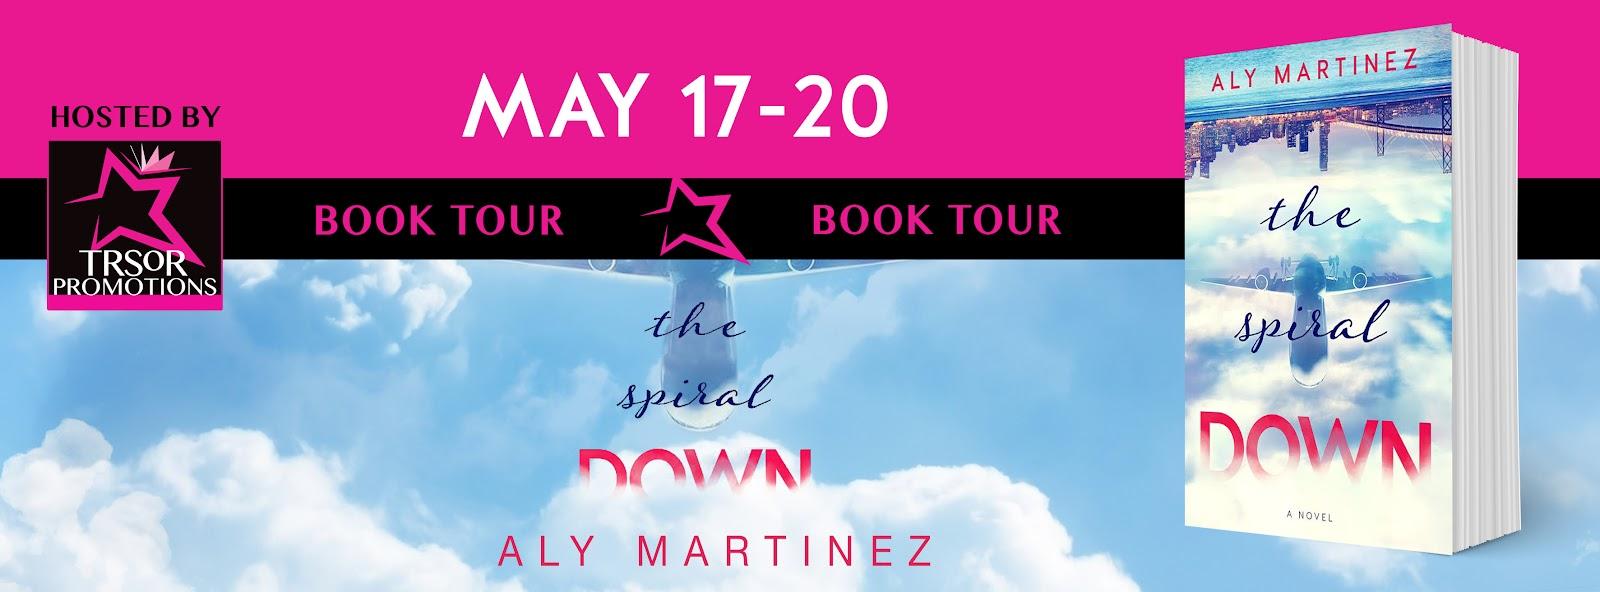 SPIRAL_DOWN_BOOK_TOUR.jpg